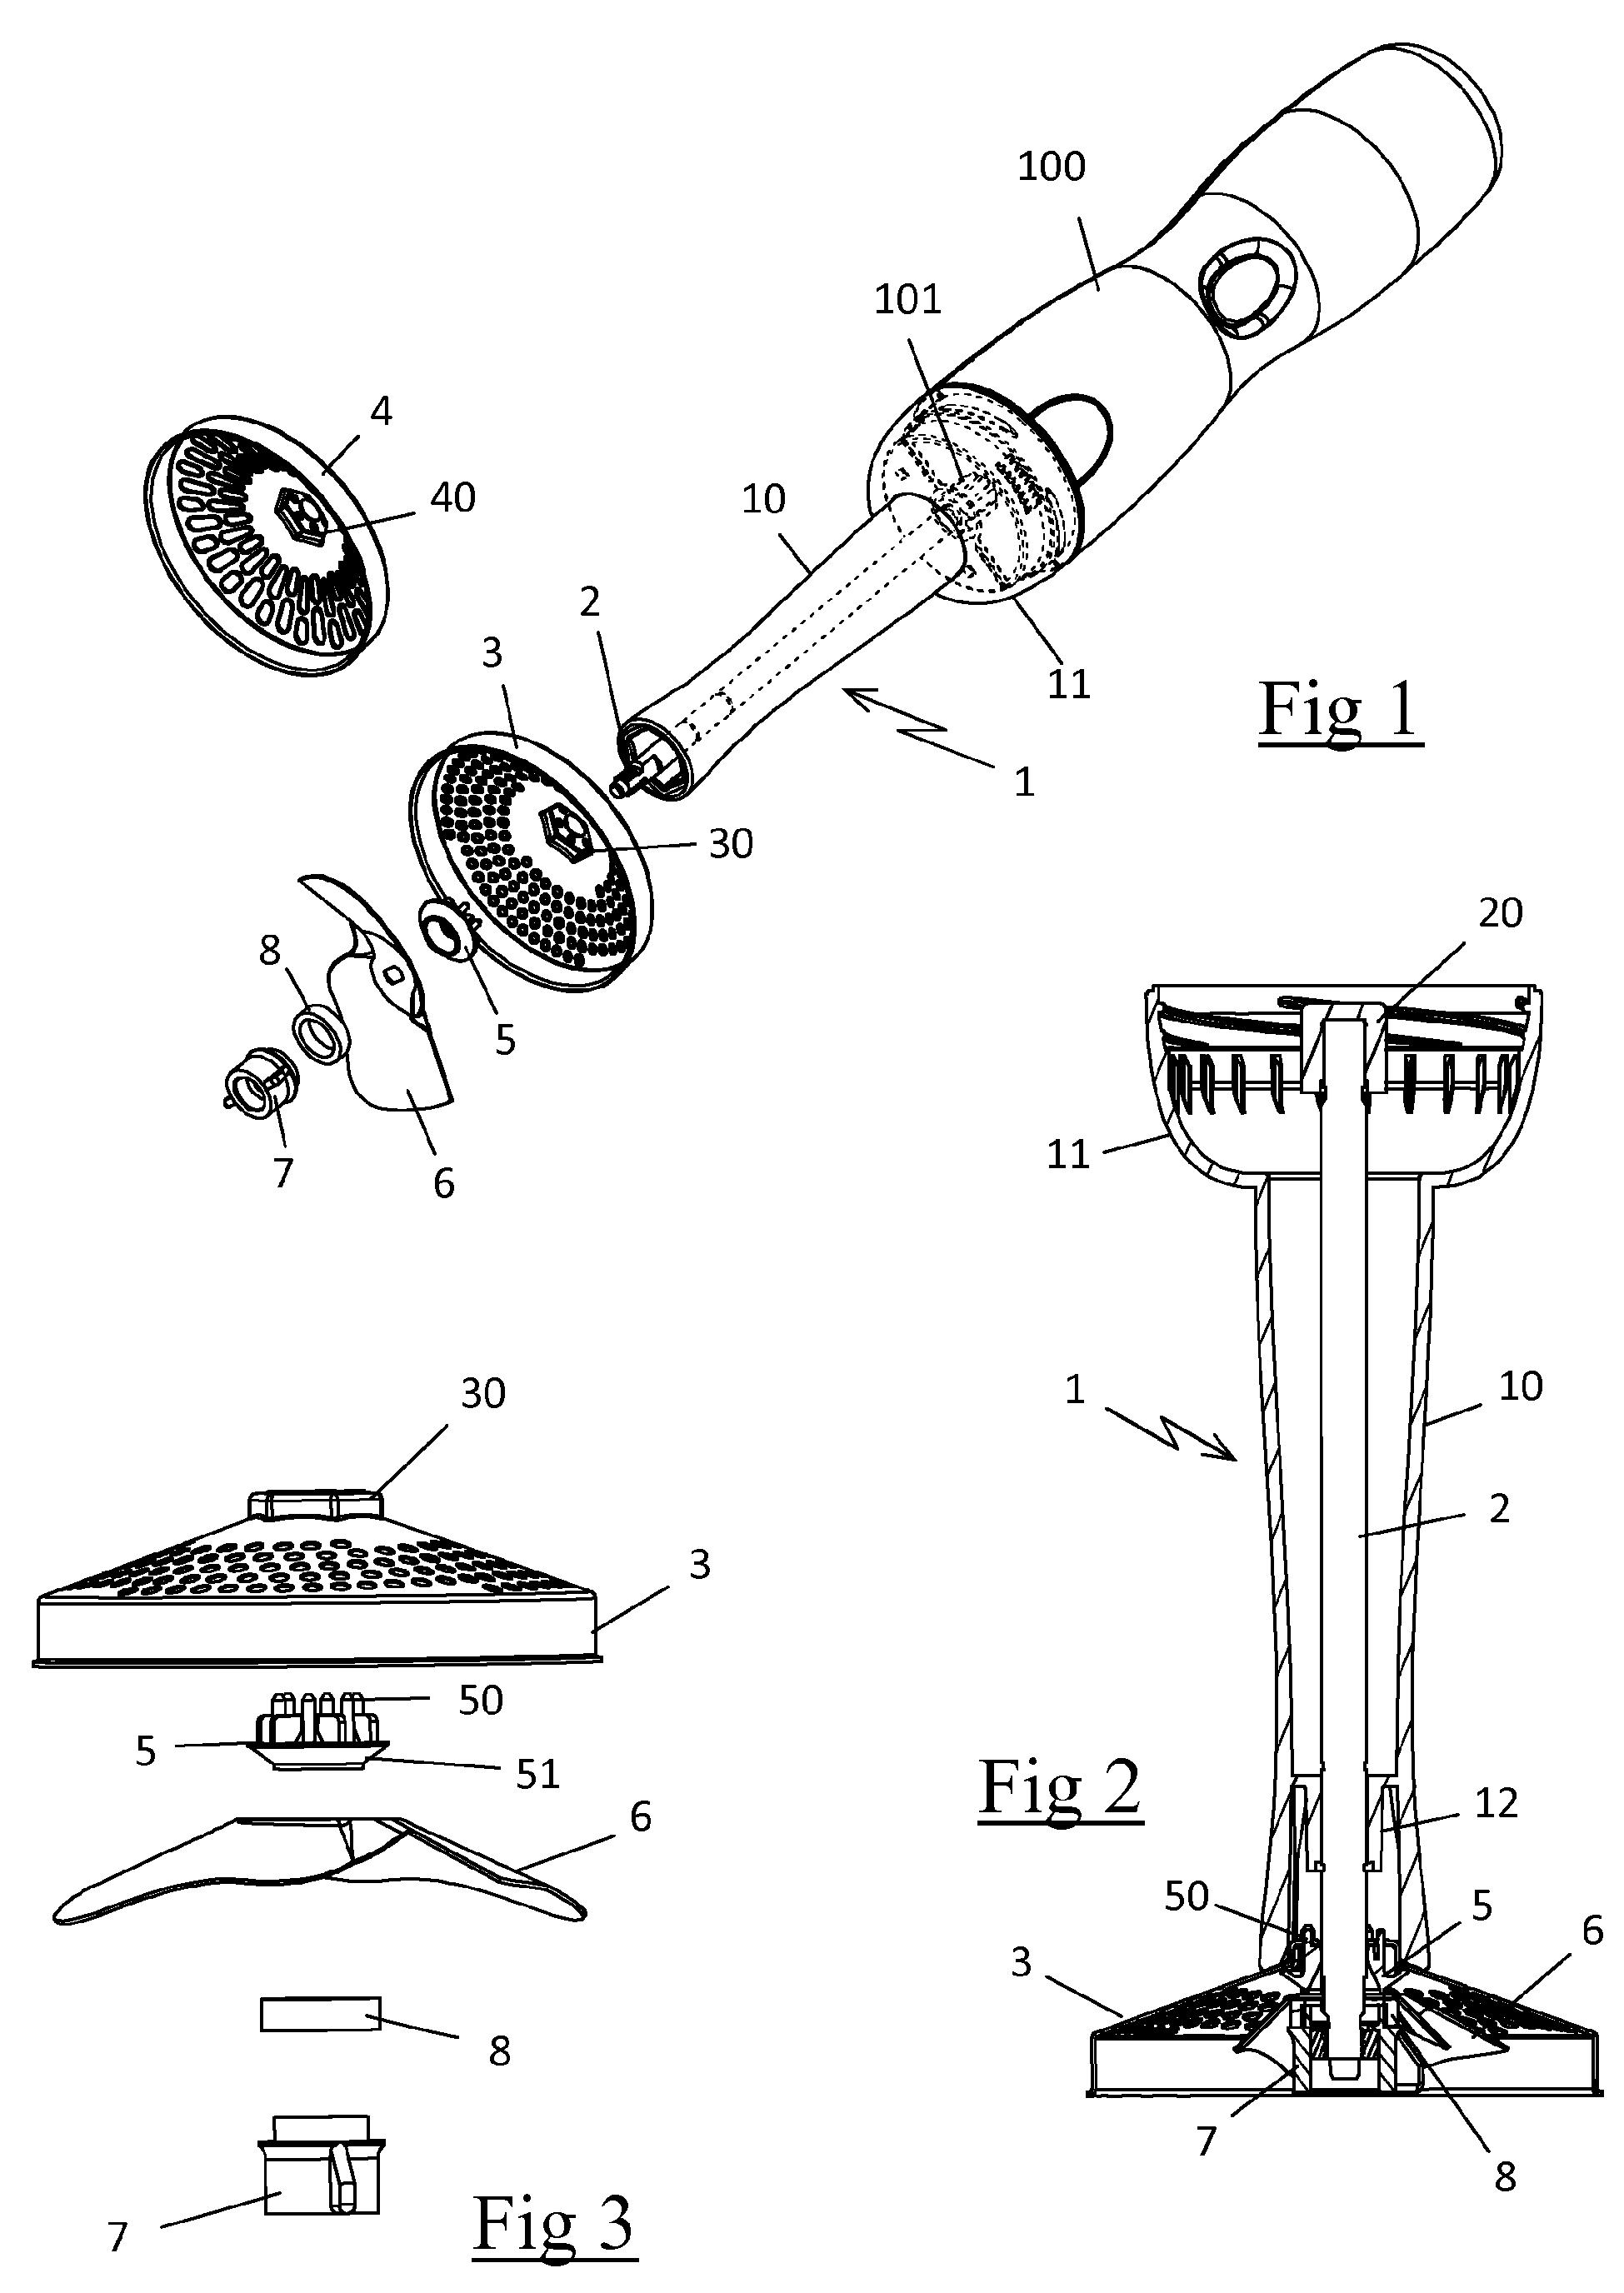 patent ep2545819a1 appareil lectrom nager de pr paration culinaire comportant un dispositif. Black Bedroom Furniture Sets. Home Design Ideas